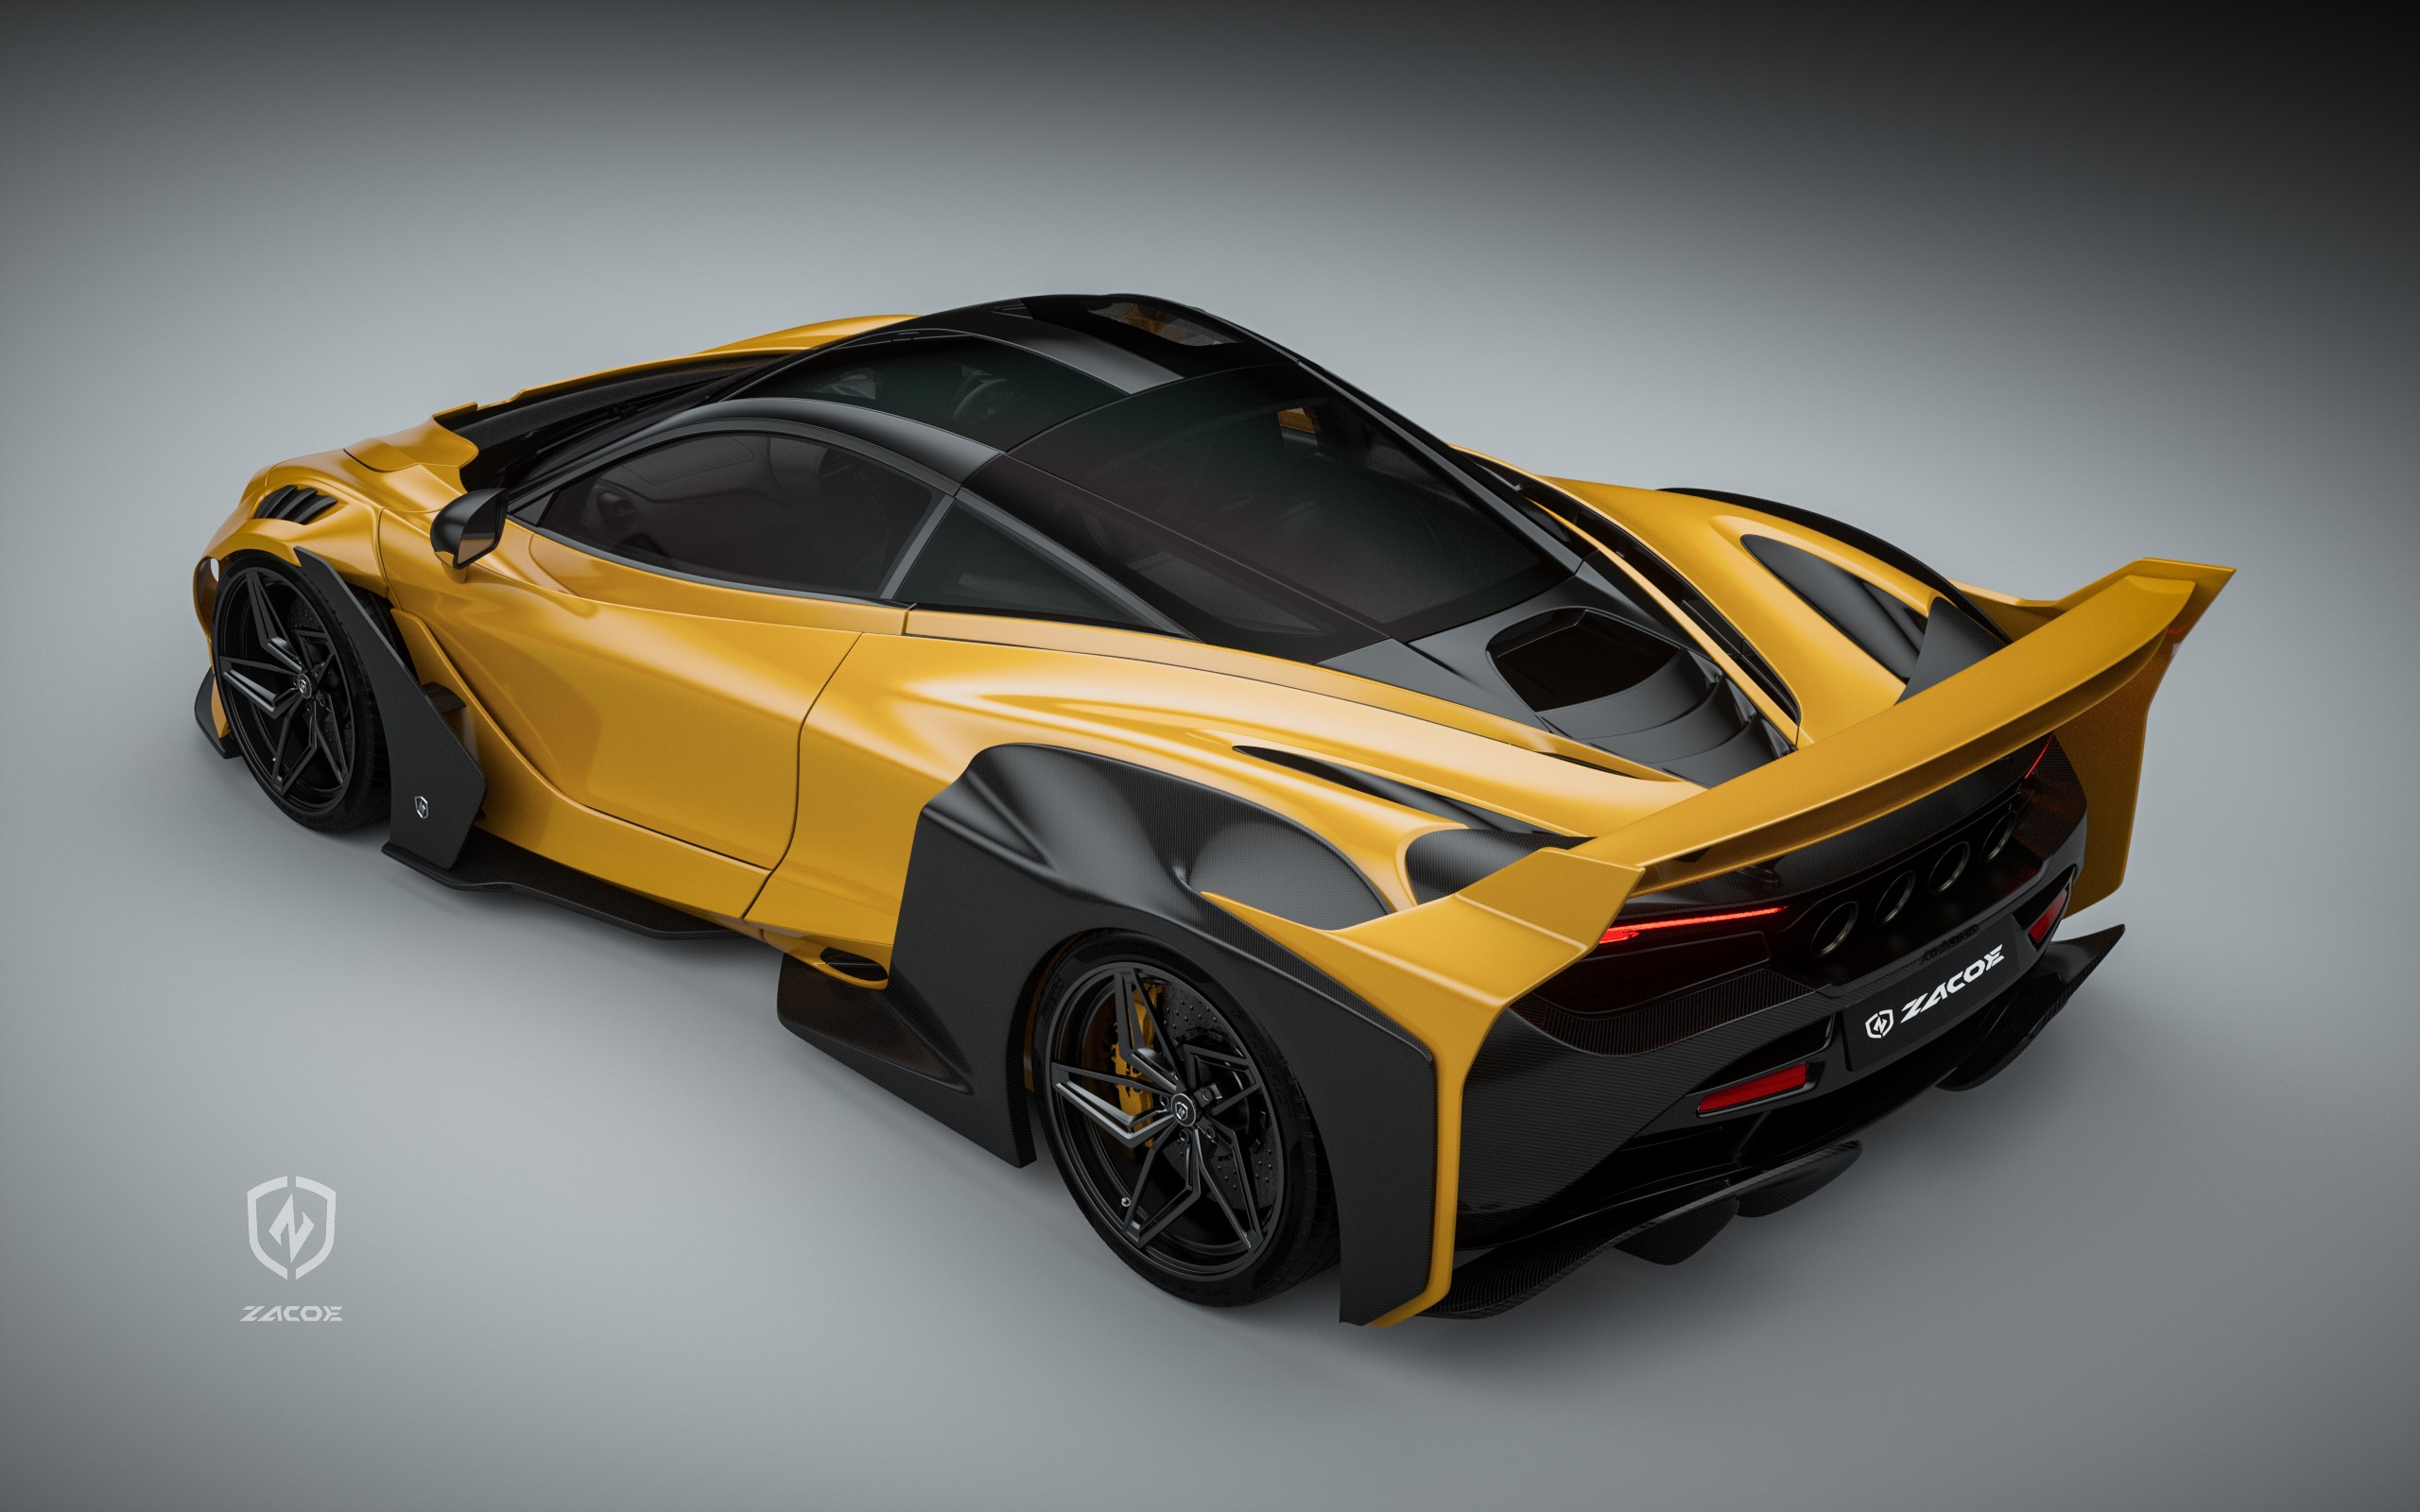 McLaren-720S-by-Zacoe-6